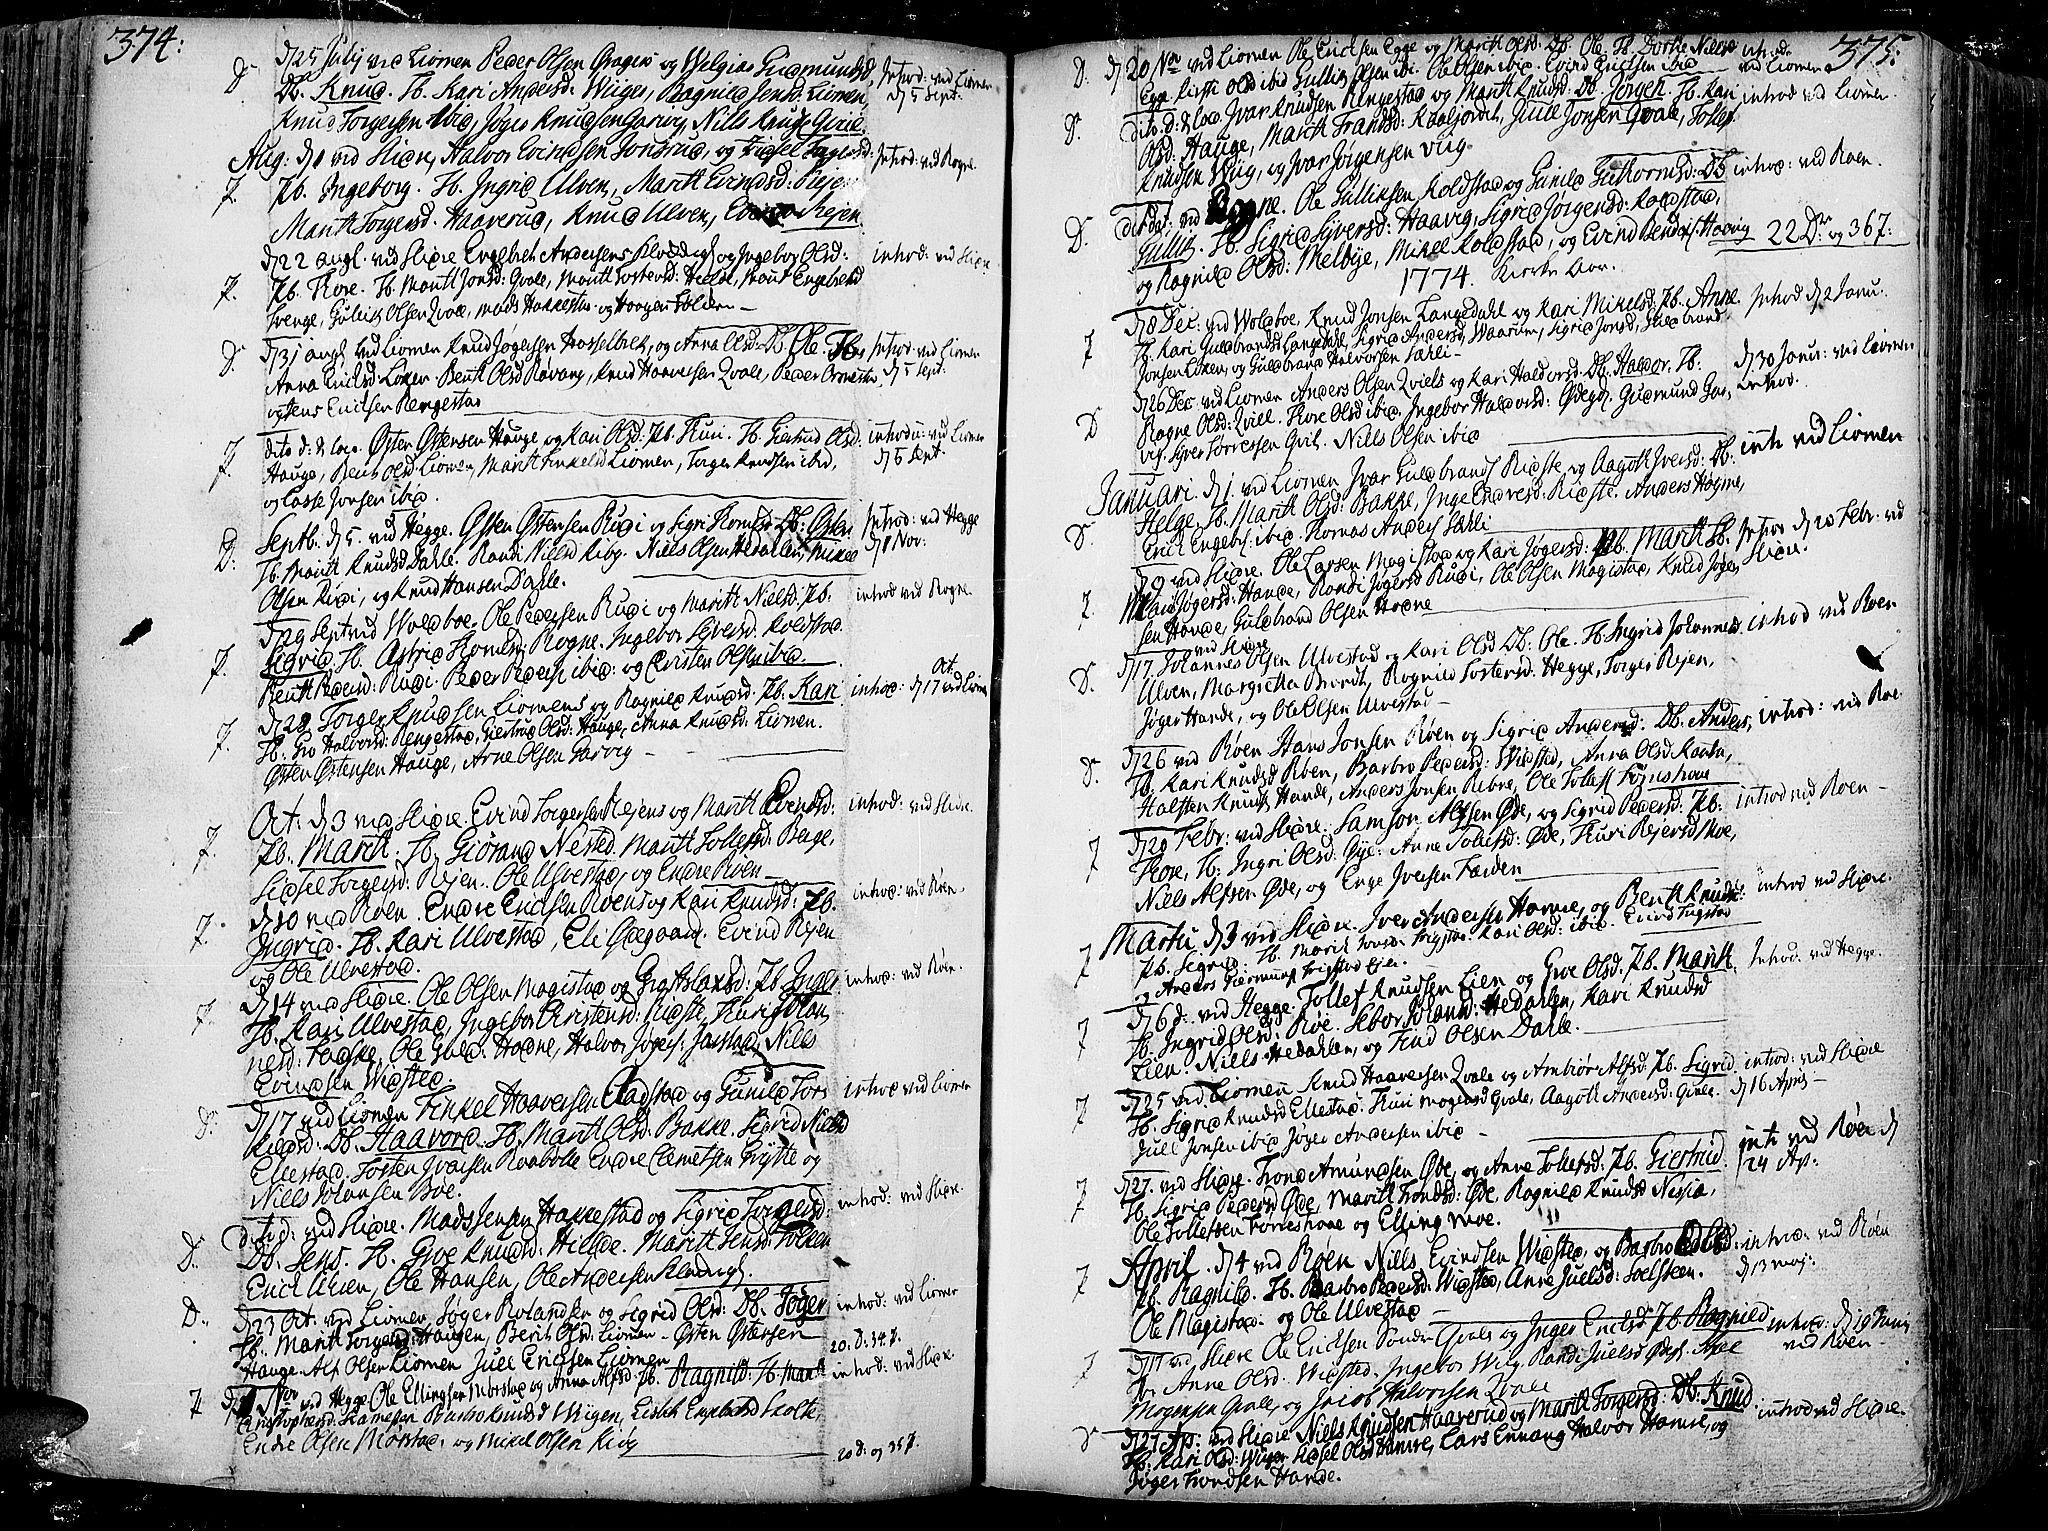 SAH, Slidre prestekontor, Ministerialbok nr. 1, 1724-1814, s. 374-375